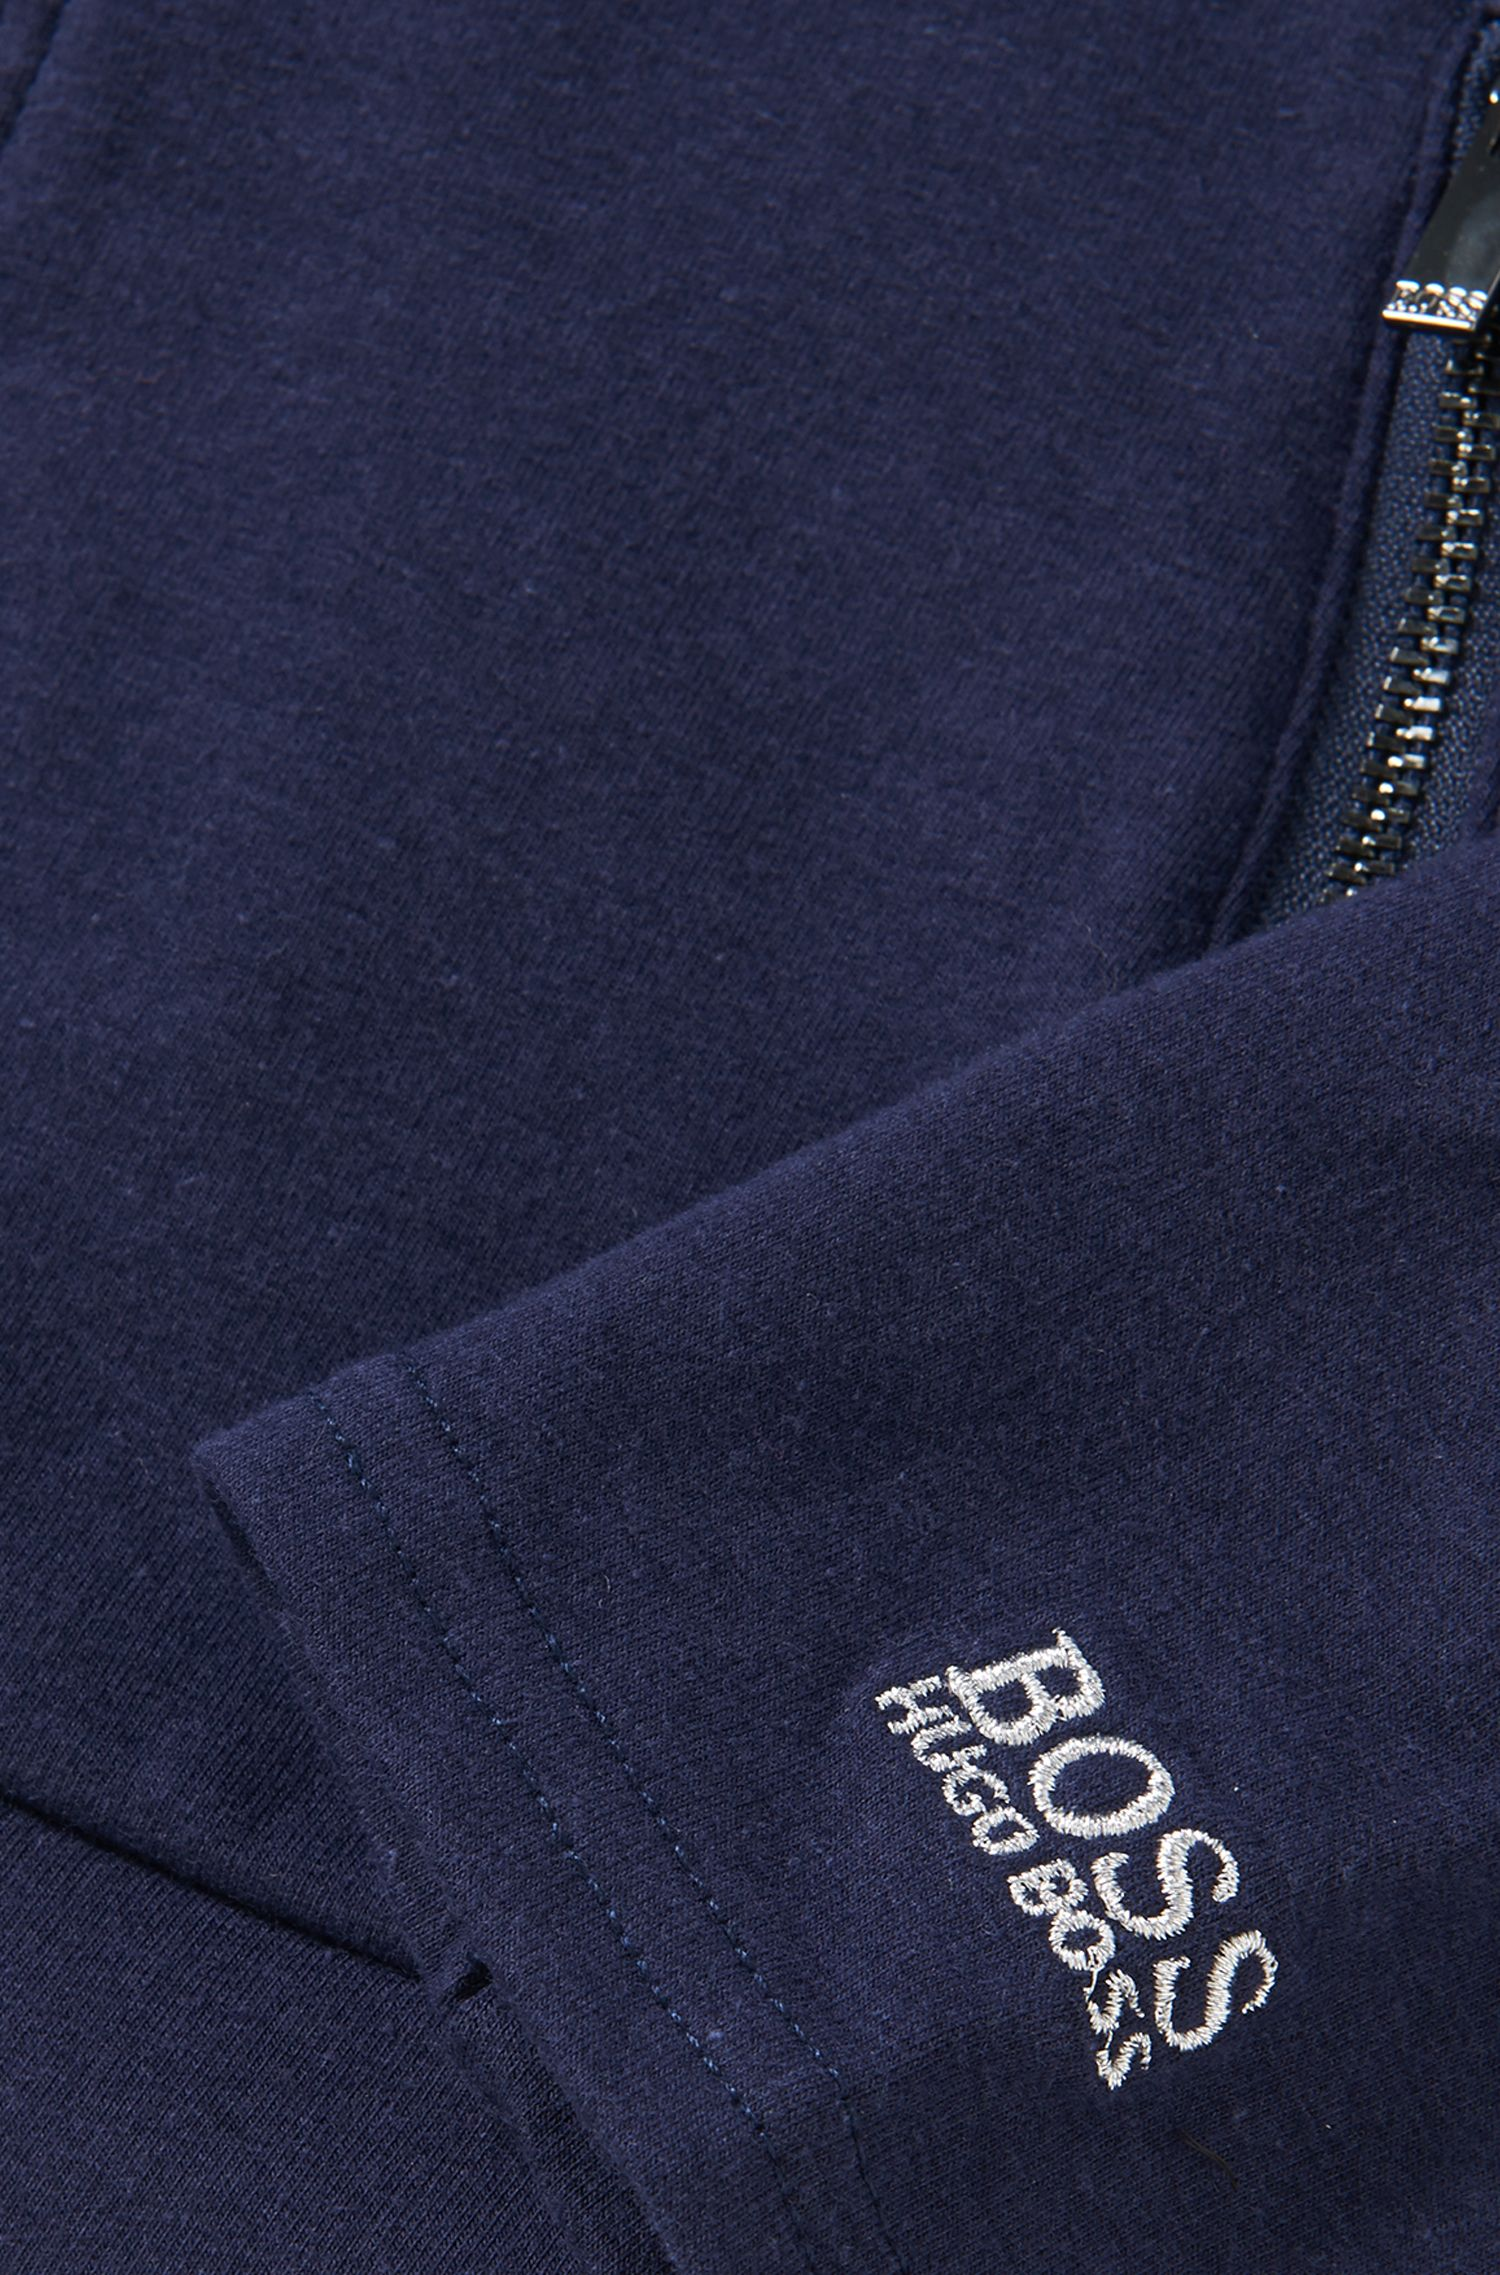 Kapuzen-Sweatshirt-Jacke aus elastischem Viskose-Mix mit Bauwollanteil: 'J15321'